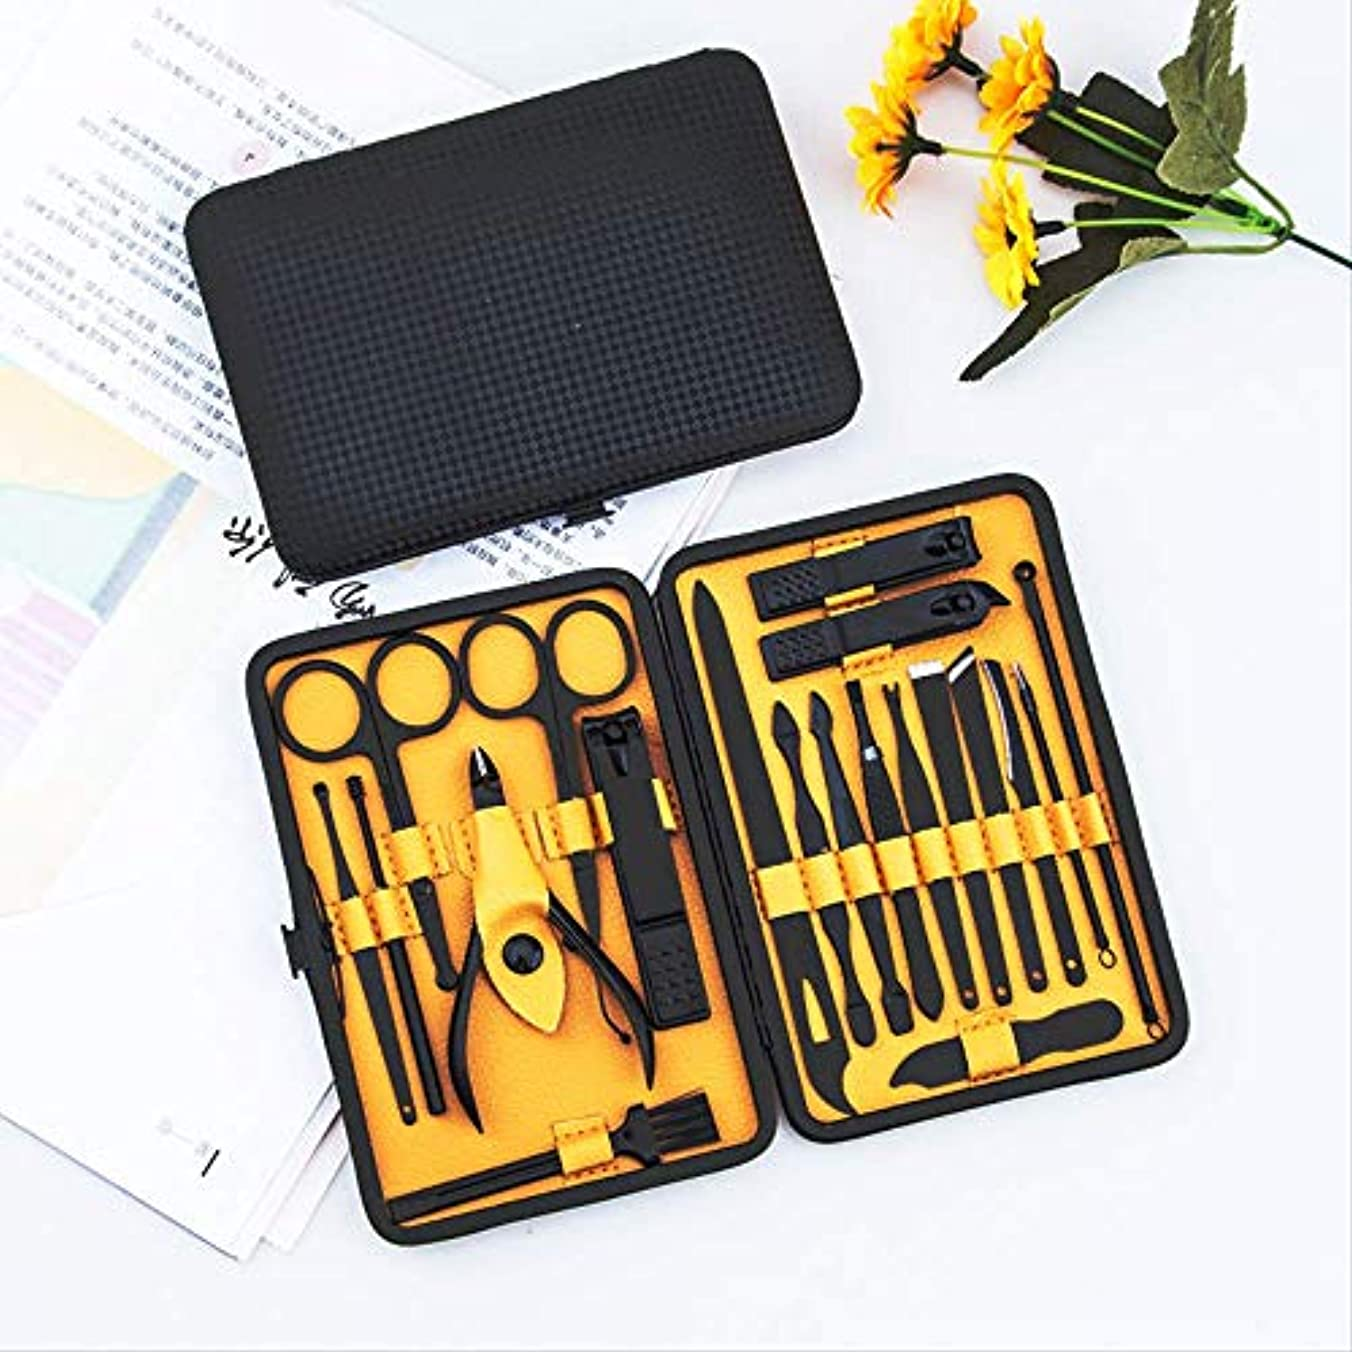 首尾一貫した子猫消費者19爪切り爪切りセット美爪工具ペディキュアセット 黒と黄色の20点セット 黒